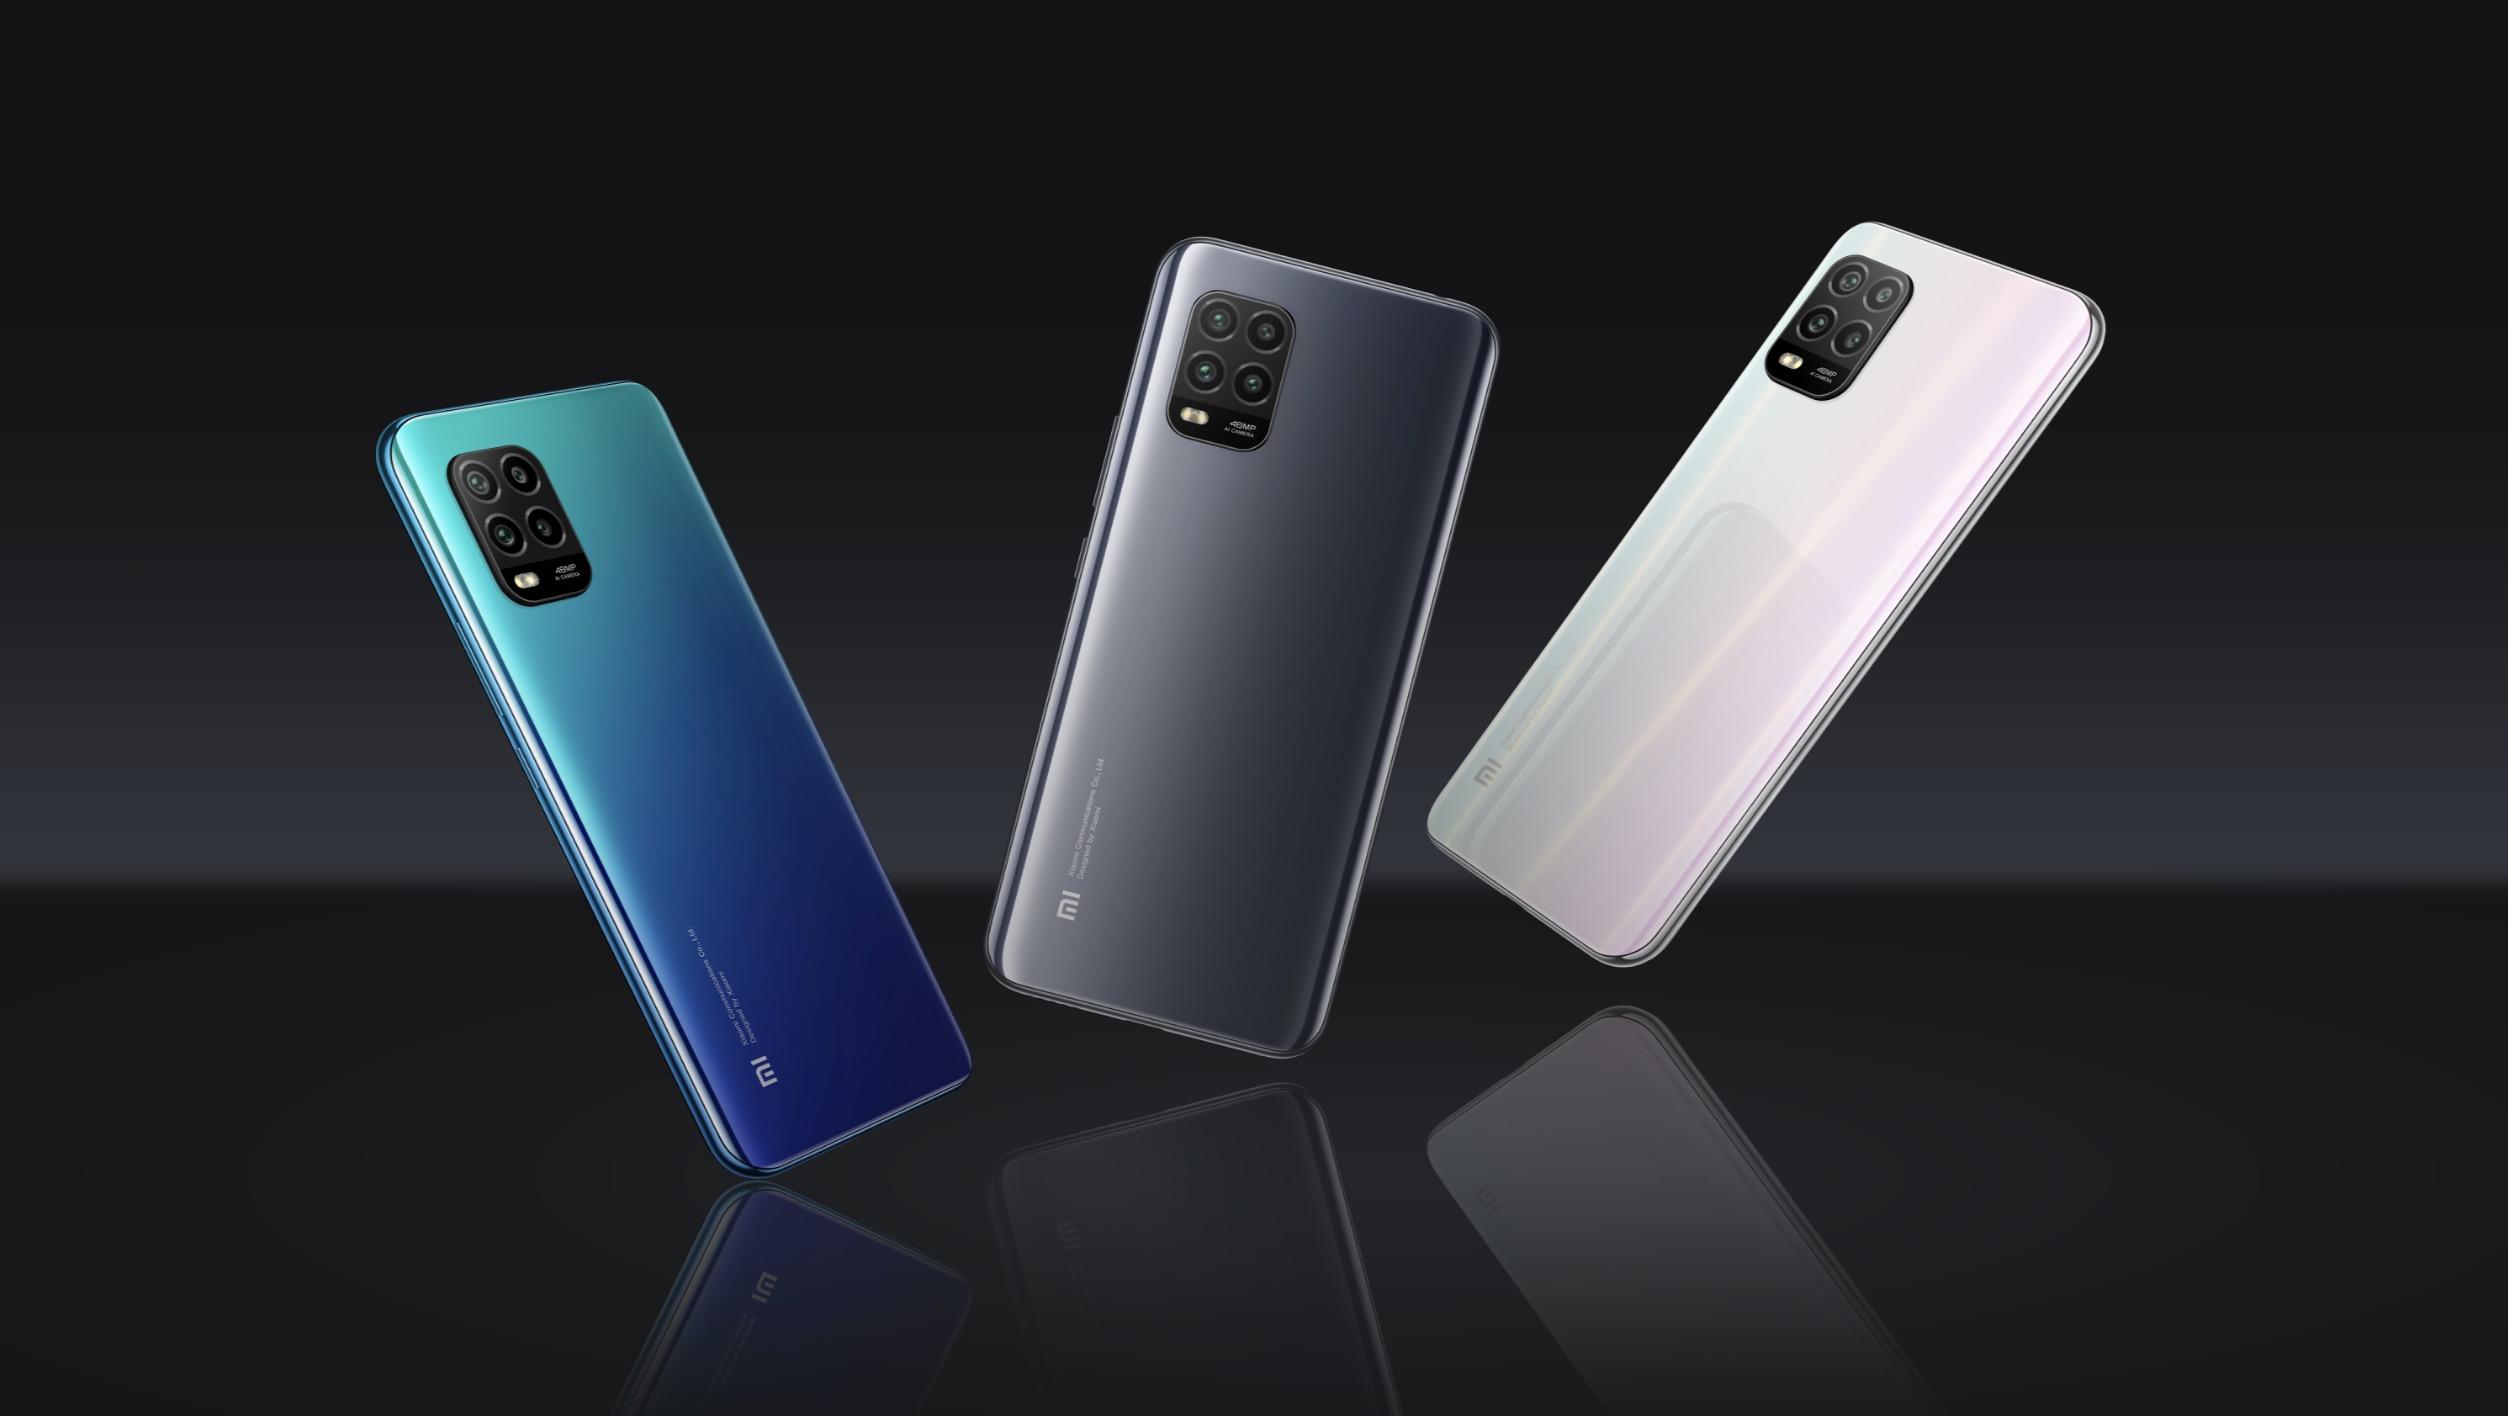 Estado de actualización de Xiaomi Mi 10 Lite MIUI 12 Beta